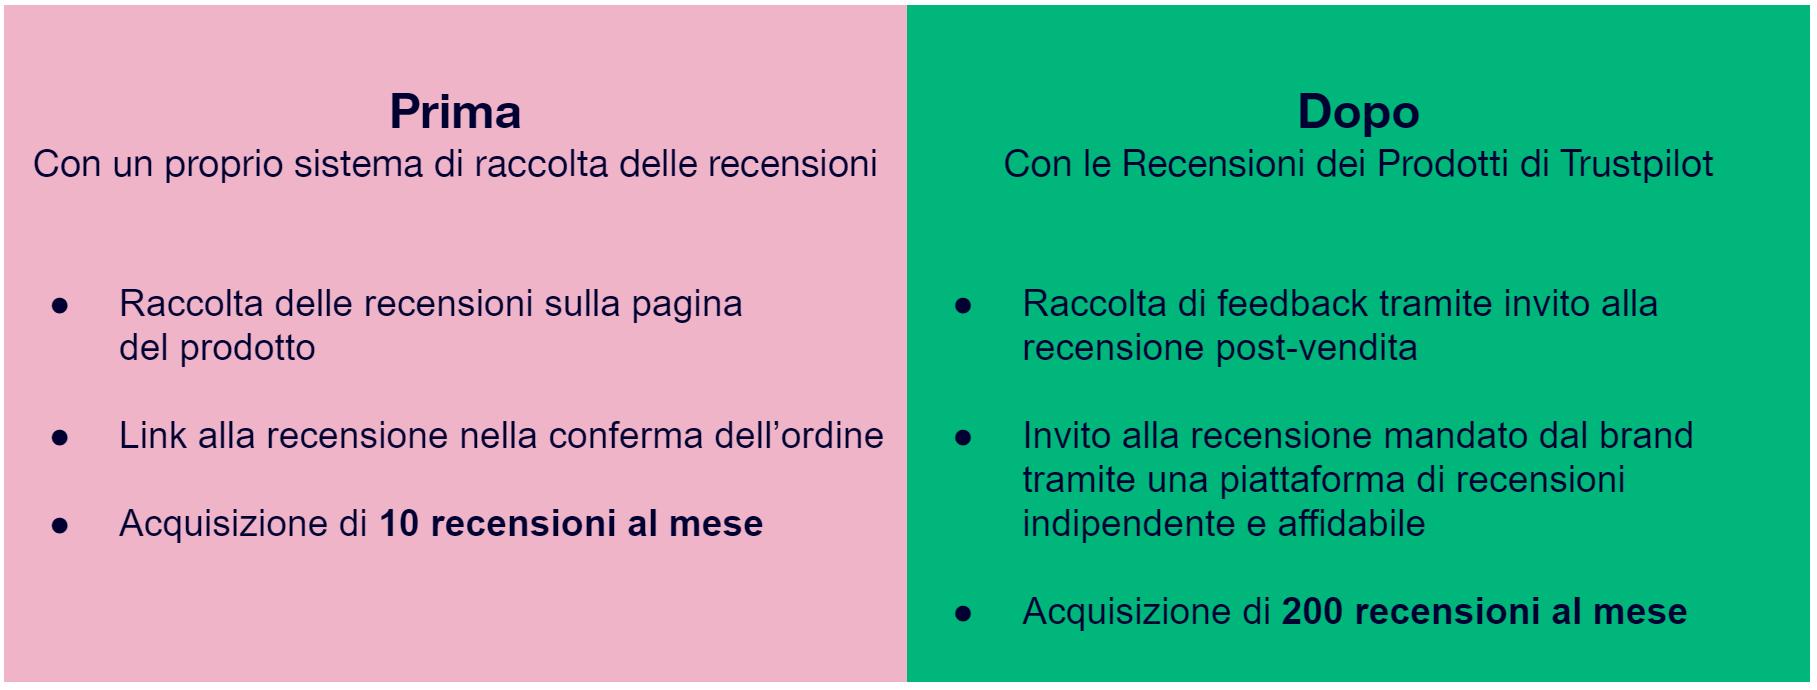 Immagine che descrive le differenze tra il prima e il dopo aver utilizzato le Recensioni dei Prodotti di Trustpilot